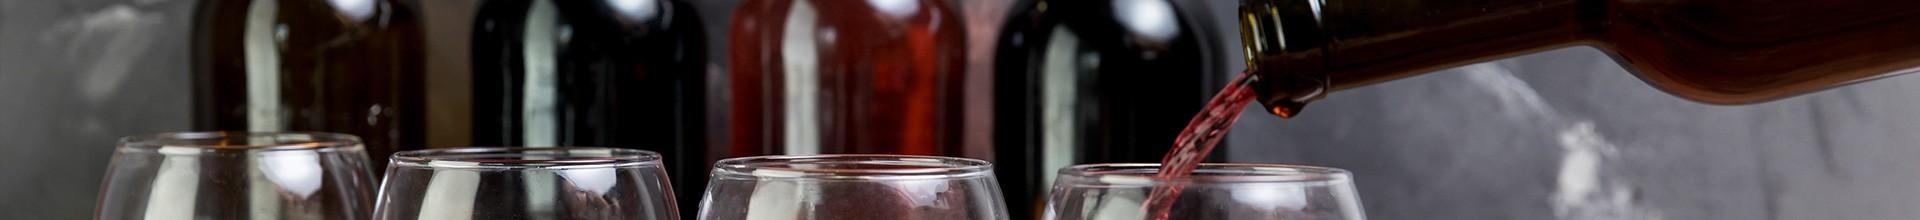 Bière locale Haute-Garonne, vente cidre poiré sud ouest